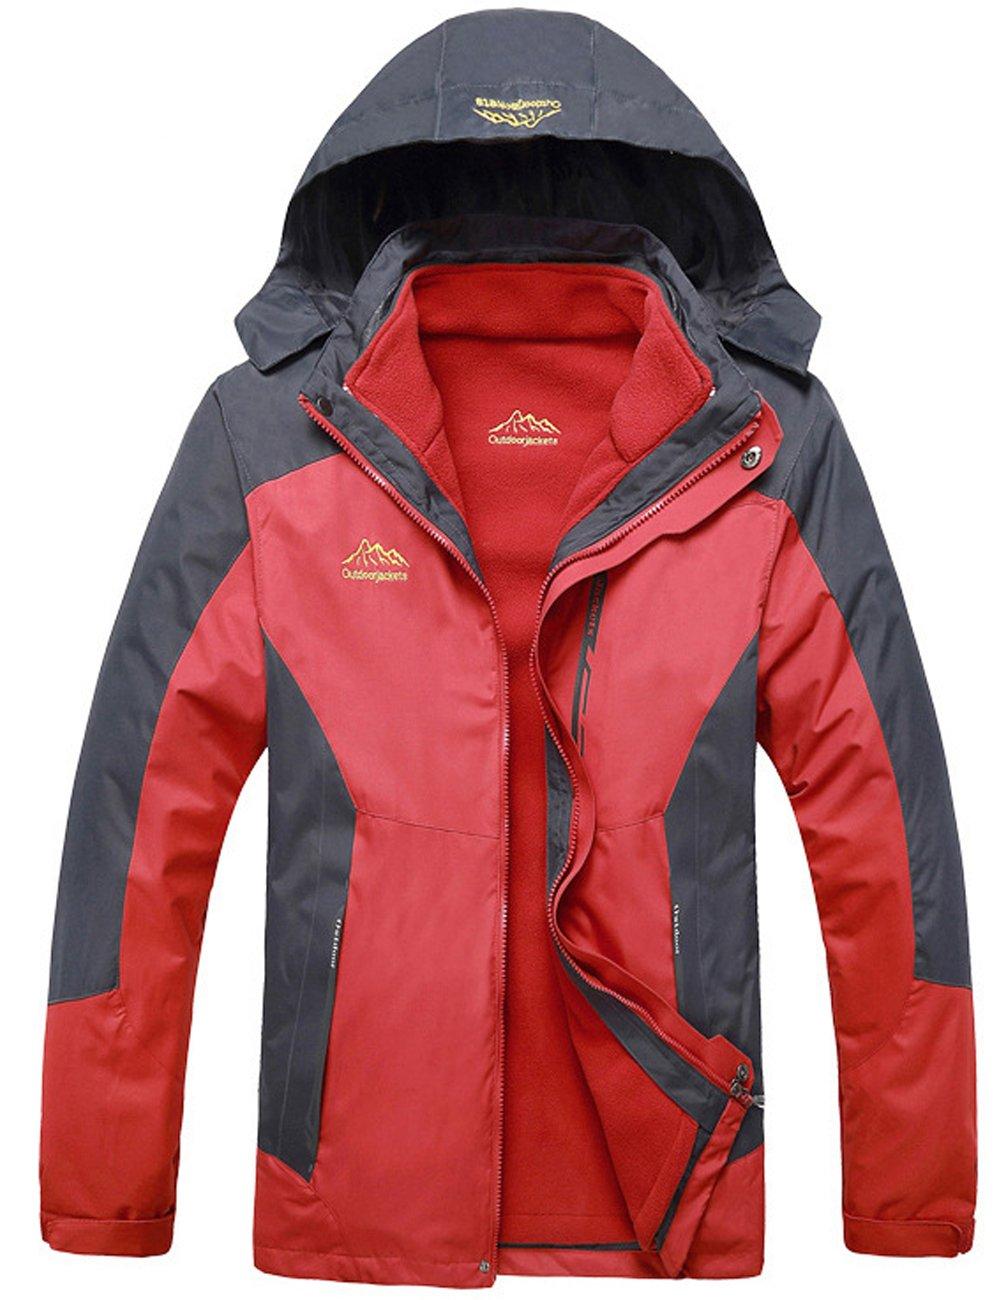 Menschwear OUTERWEAR メンズ B076JHSXPV L|Red 599 Red 599 L